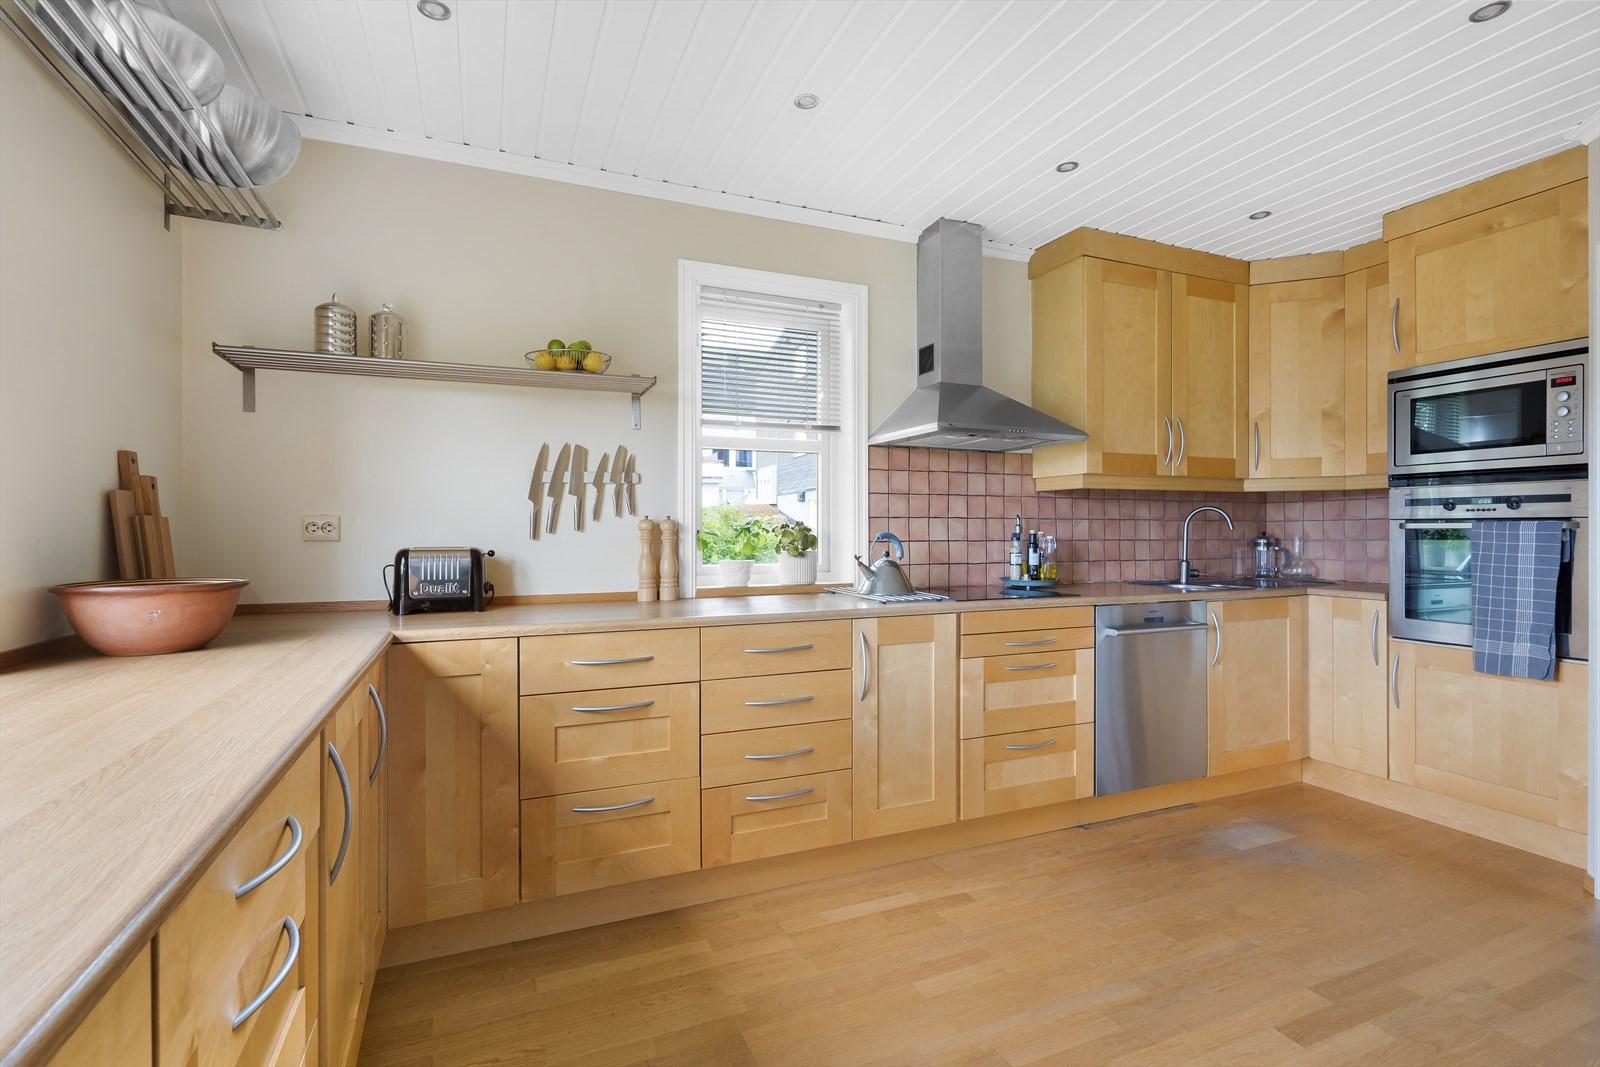 KJøkkenet er stort og innholdsrikt med integrerte hvitevarer og rikelig med benkeplass